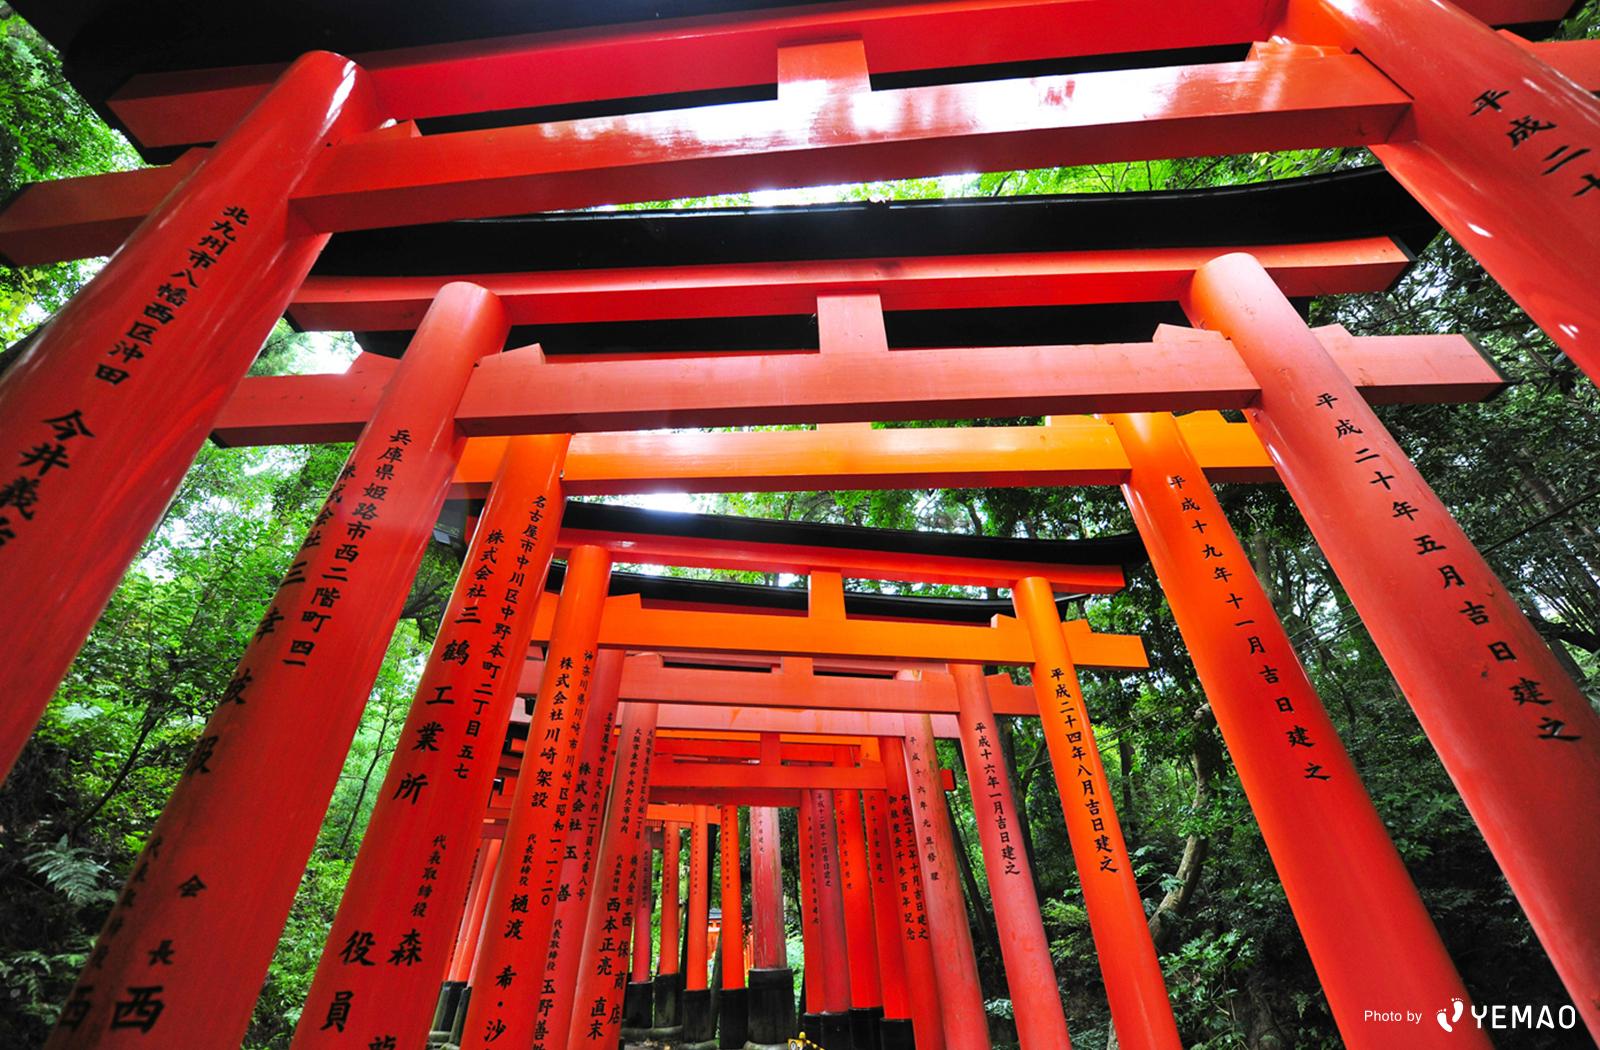 壁紙プレゼント 初夏の京都 風景写真20選 Starthome